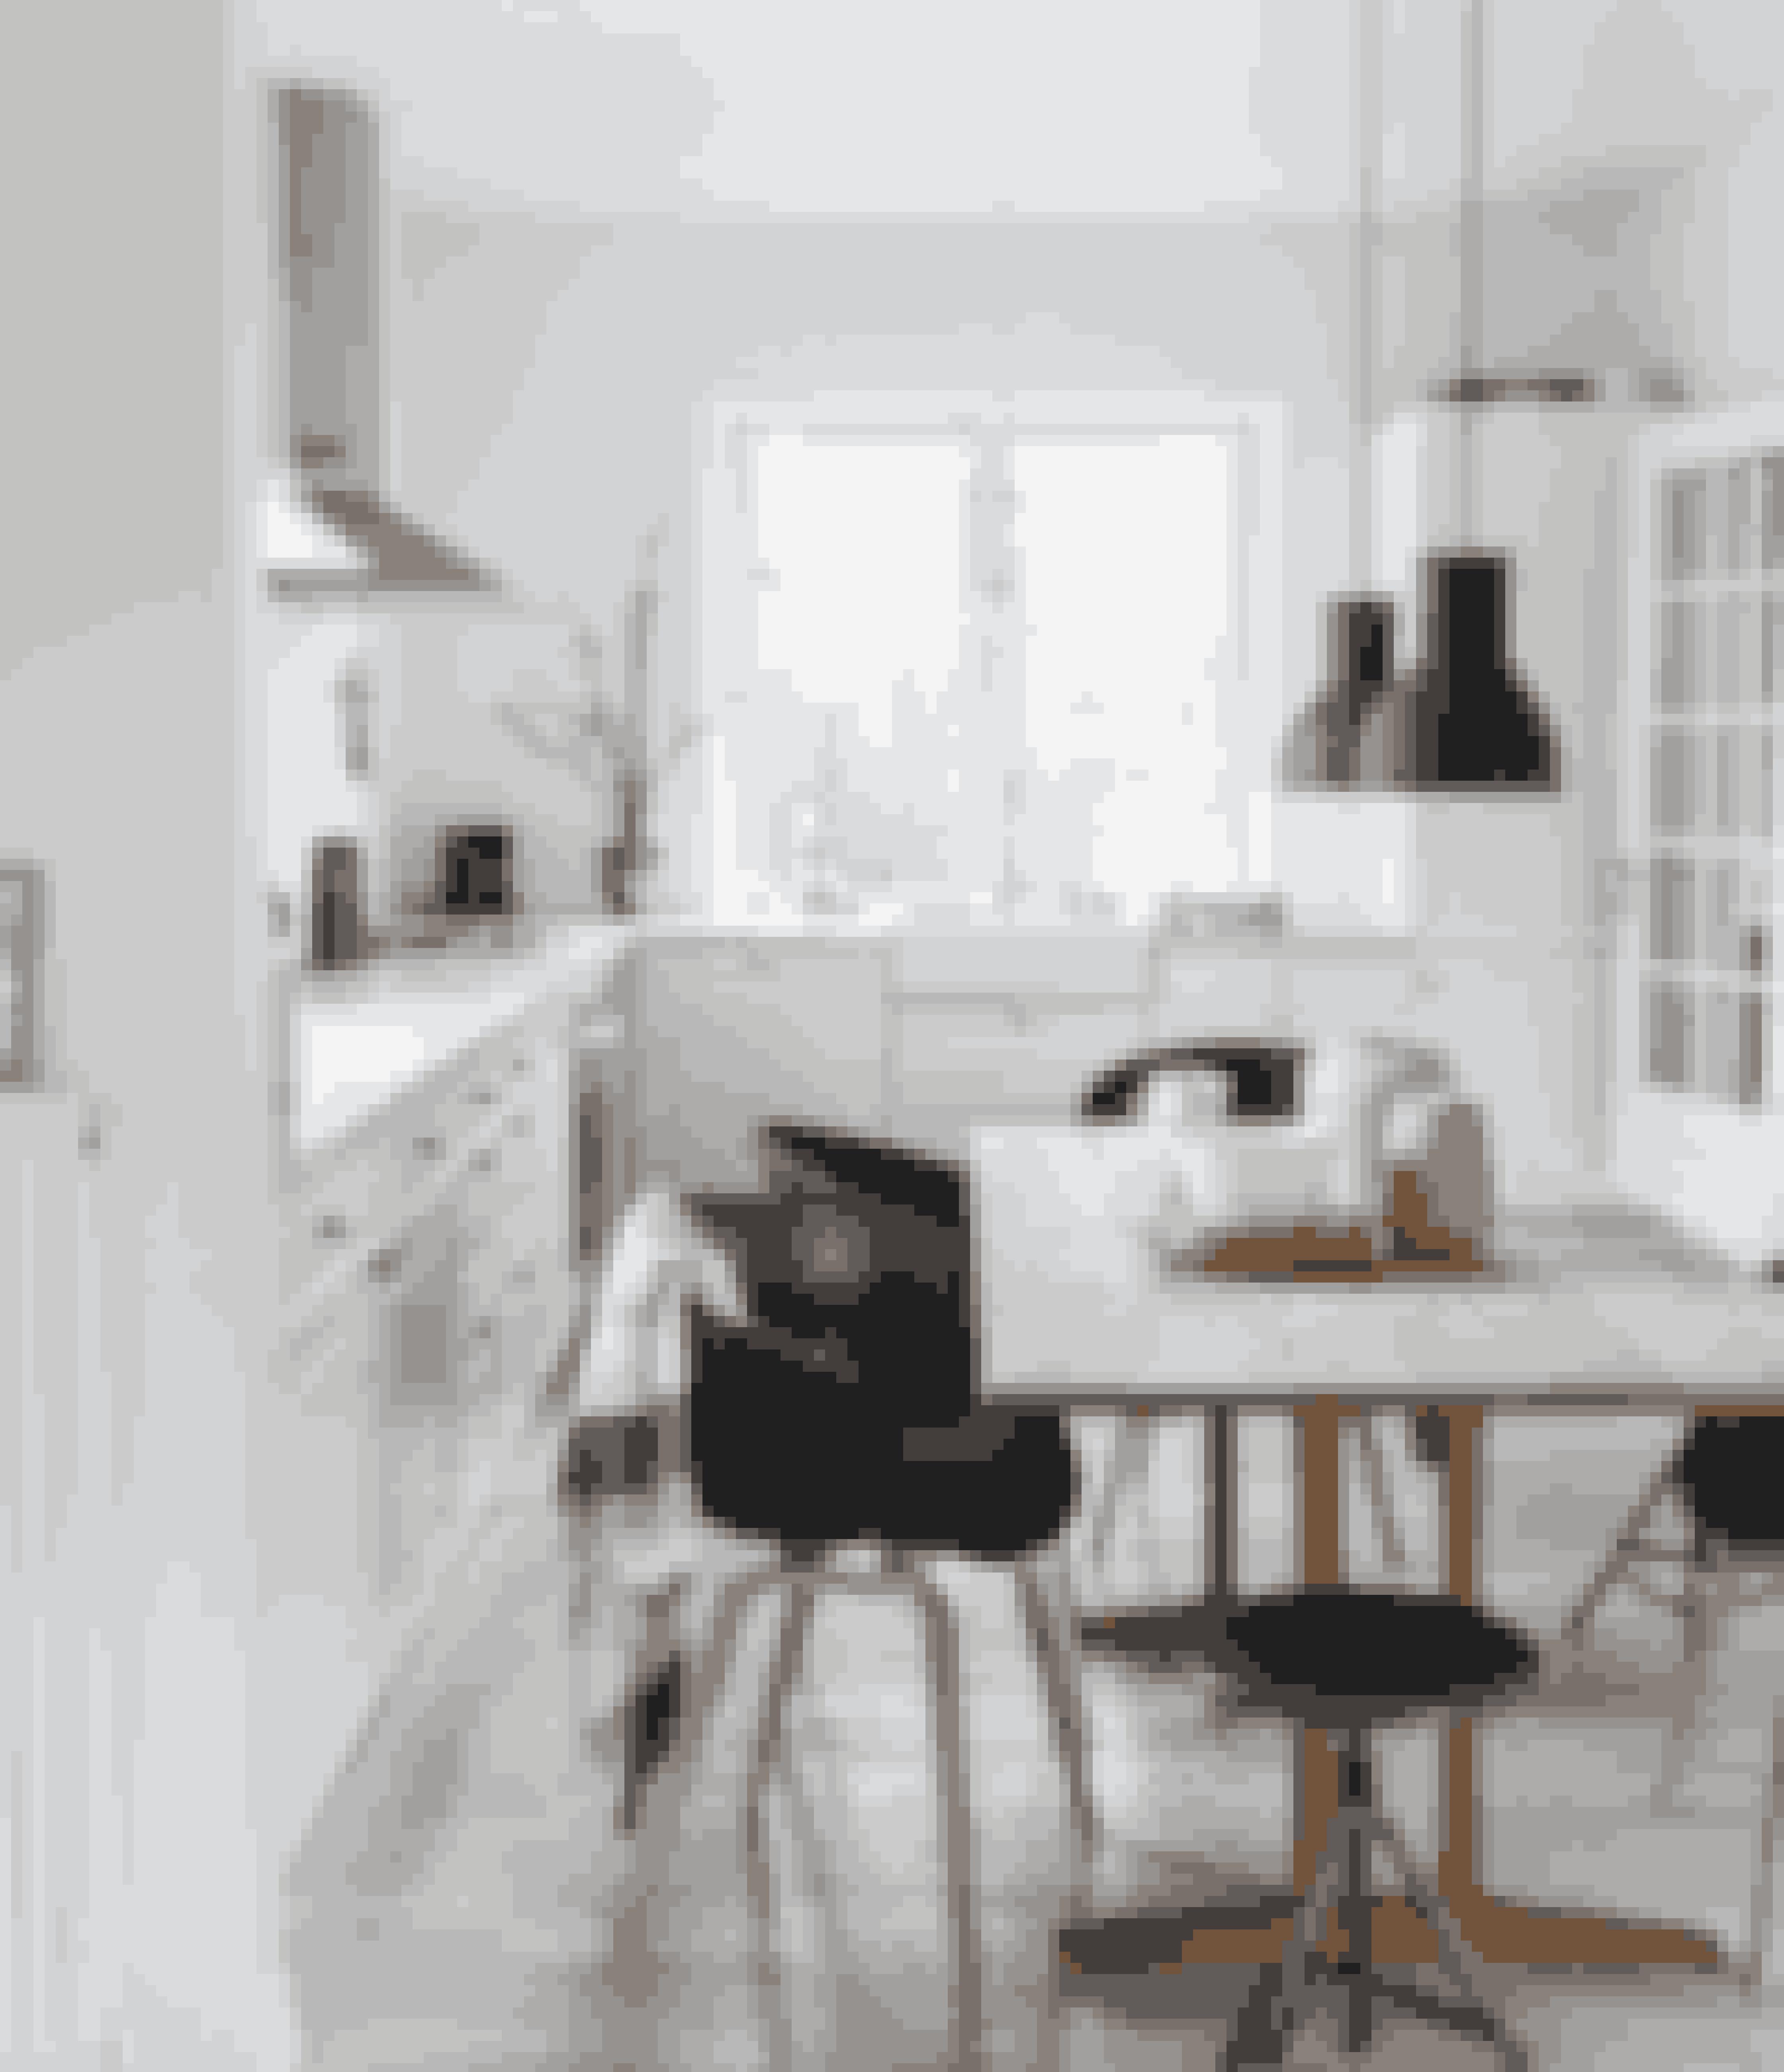 Dette køkken er lyst og luftigt og har ud over plads til madlavningen også plads til et spisebord i midten af rummet.